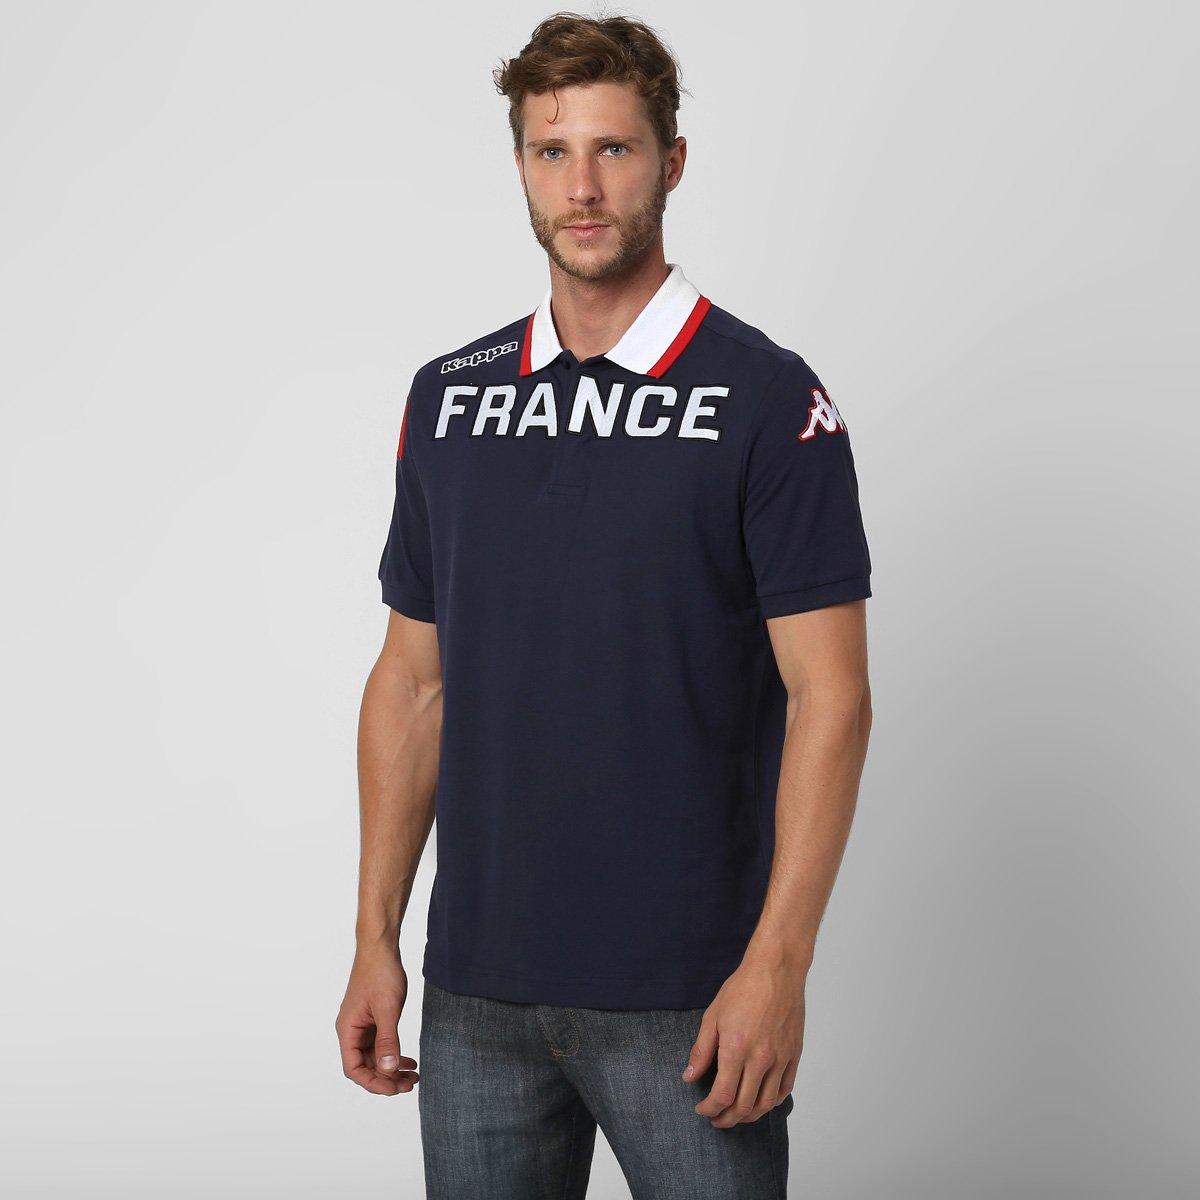 Camisa Polo Kappa Eroi França - Compre Agora   Netshoes d31ec07dc8